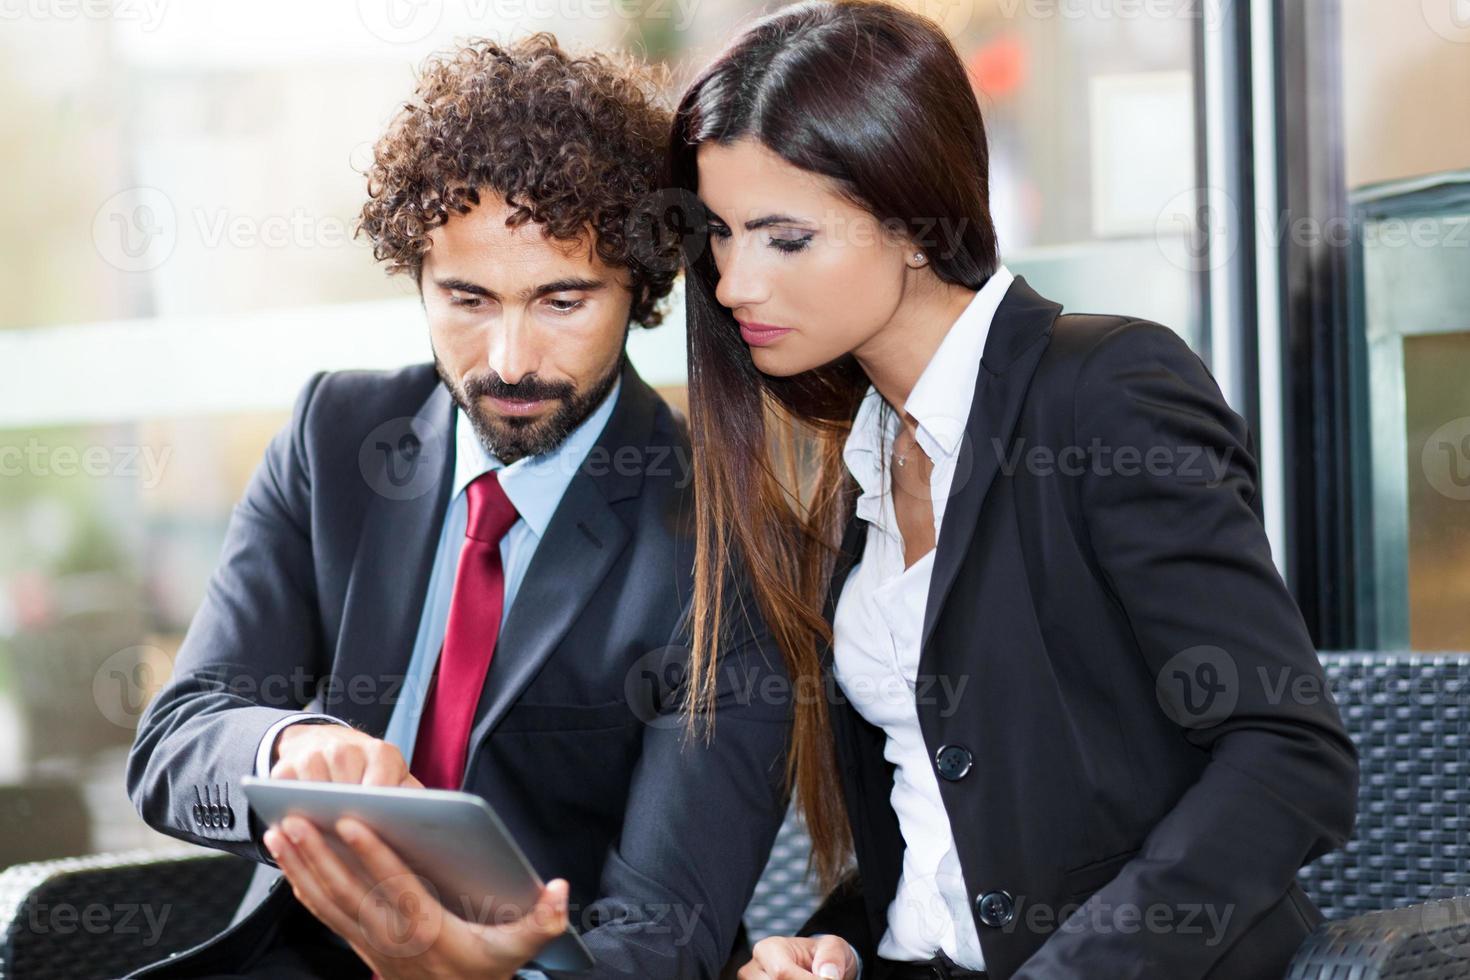 twee mensen uit het bedrijfsleven met behulp van een digitale tablet foto